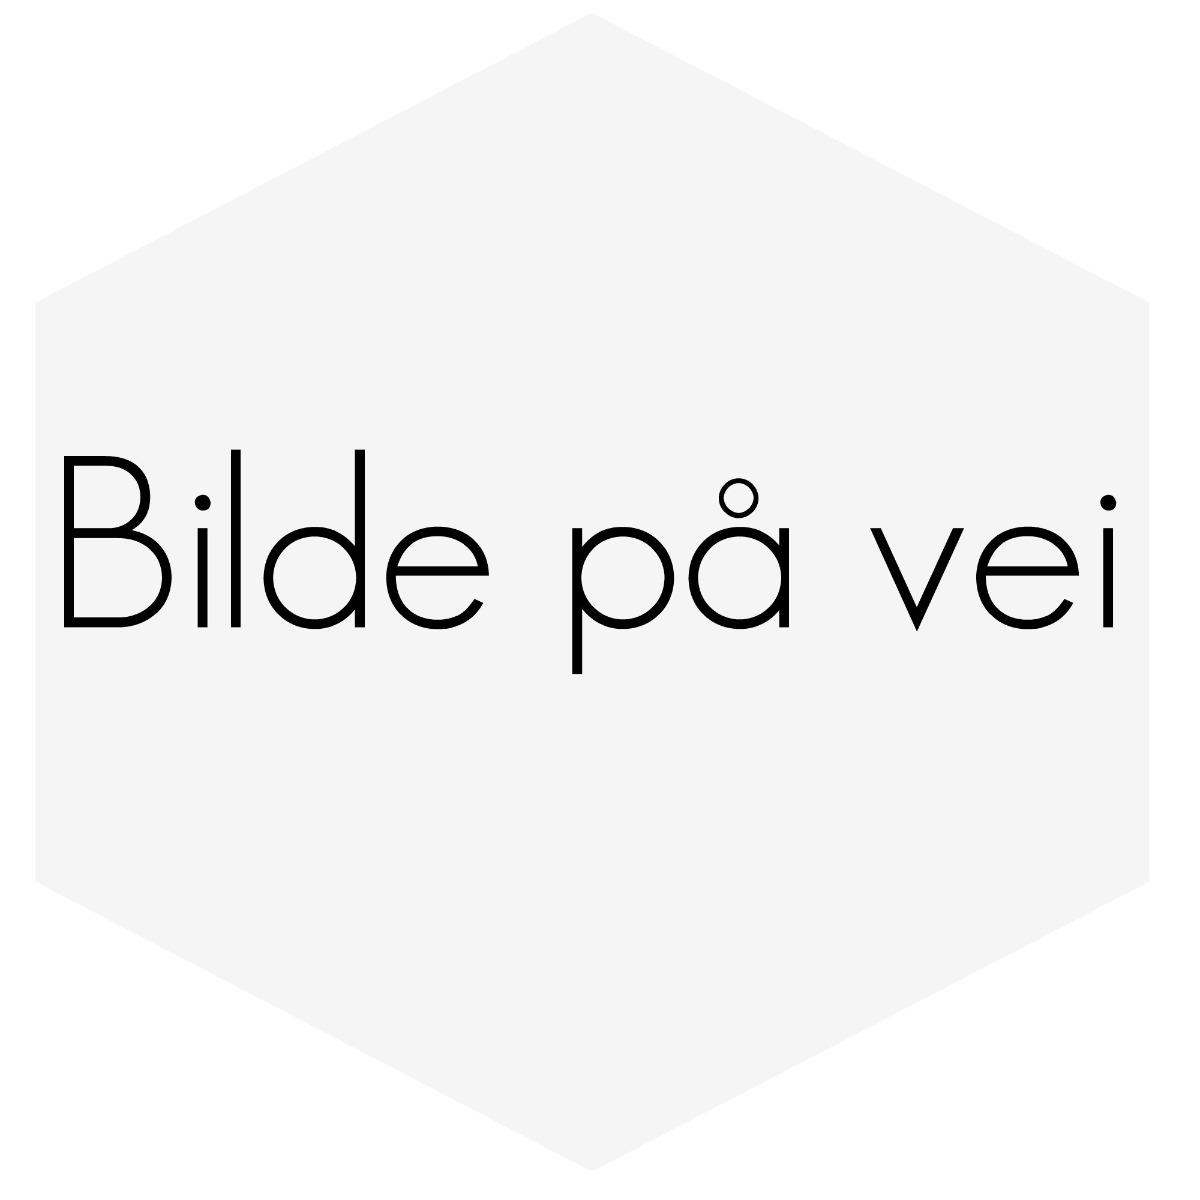 VOLVO S40/V40 2,0T/T4 98-04 SVARTE VANNSLANGER